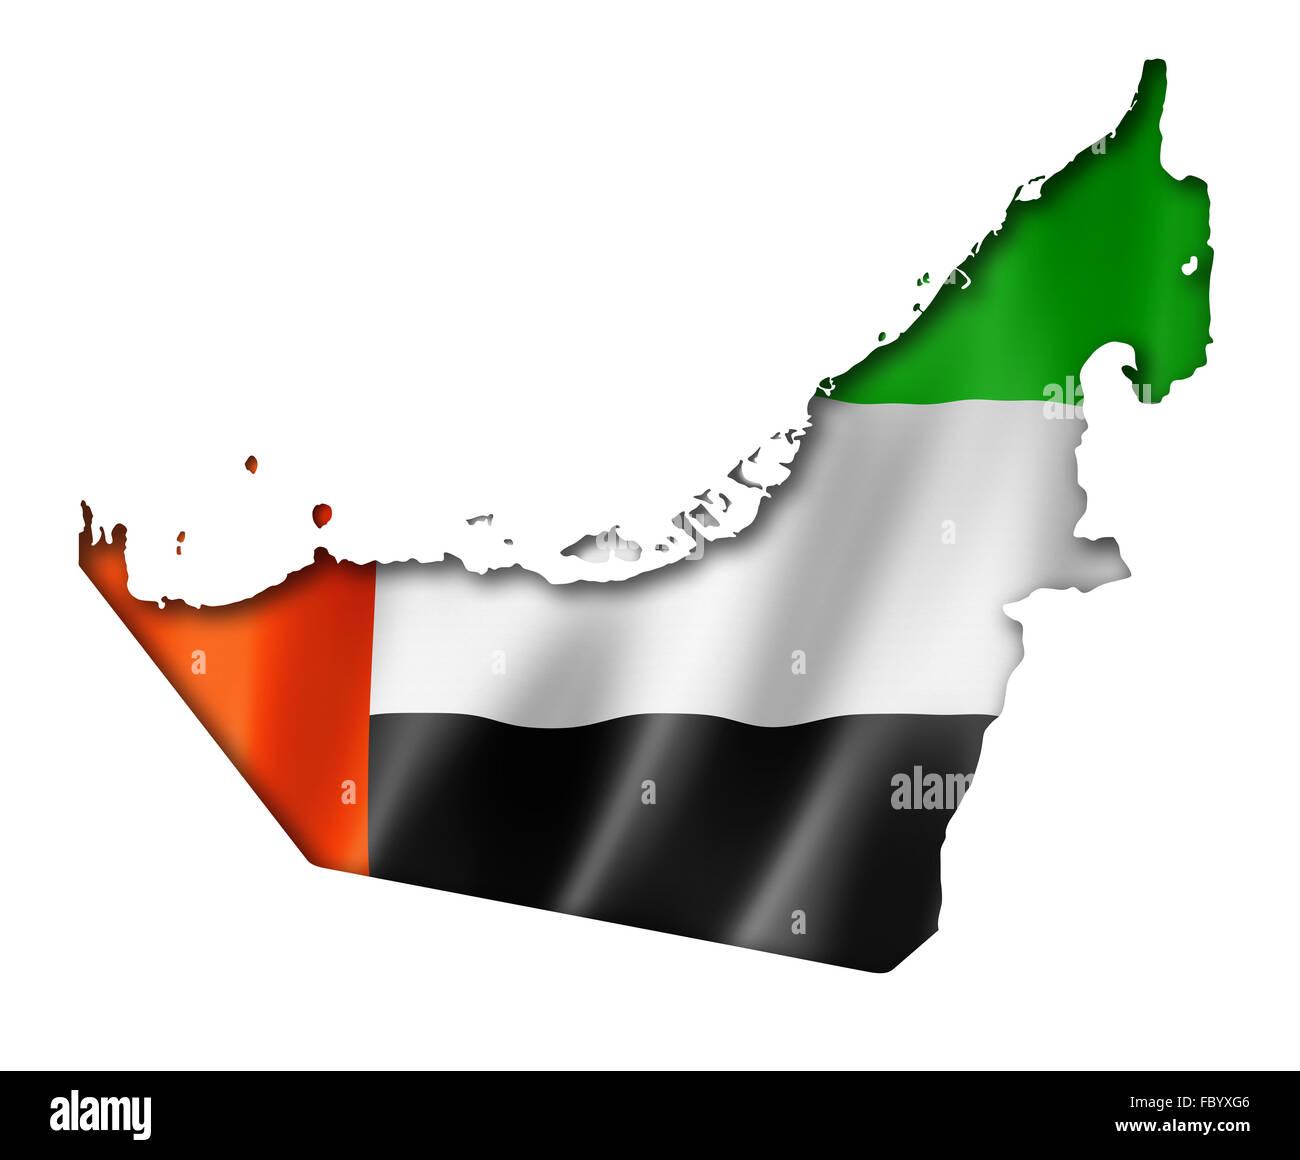 United Arab Emirates flag map - Stock Image